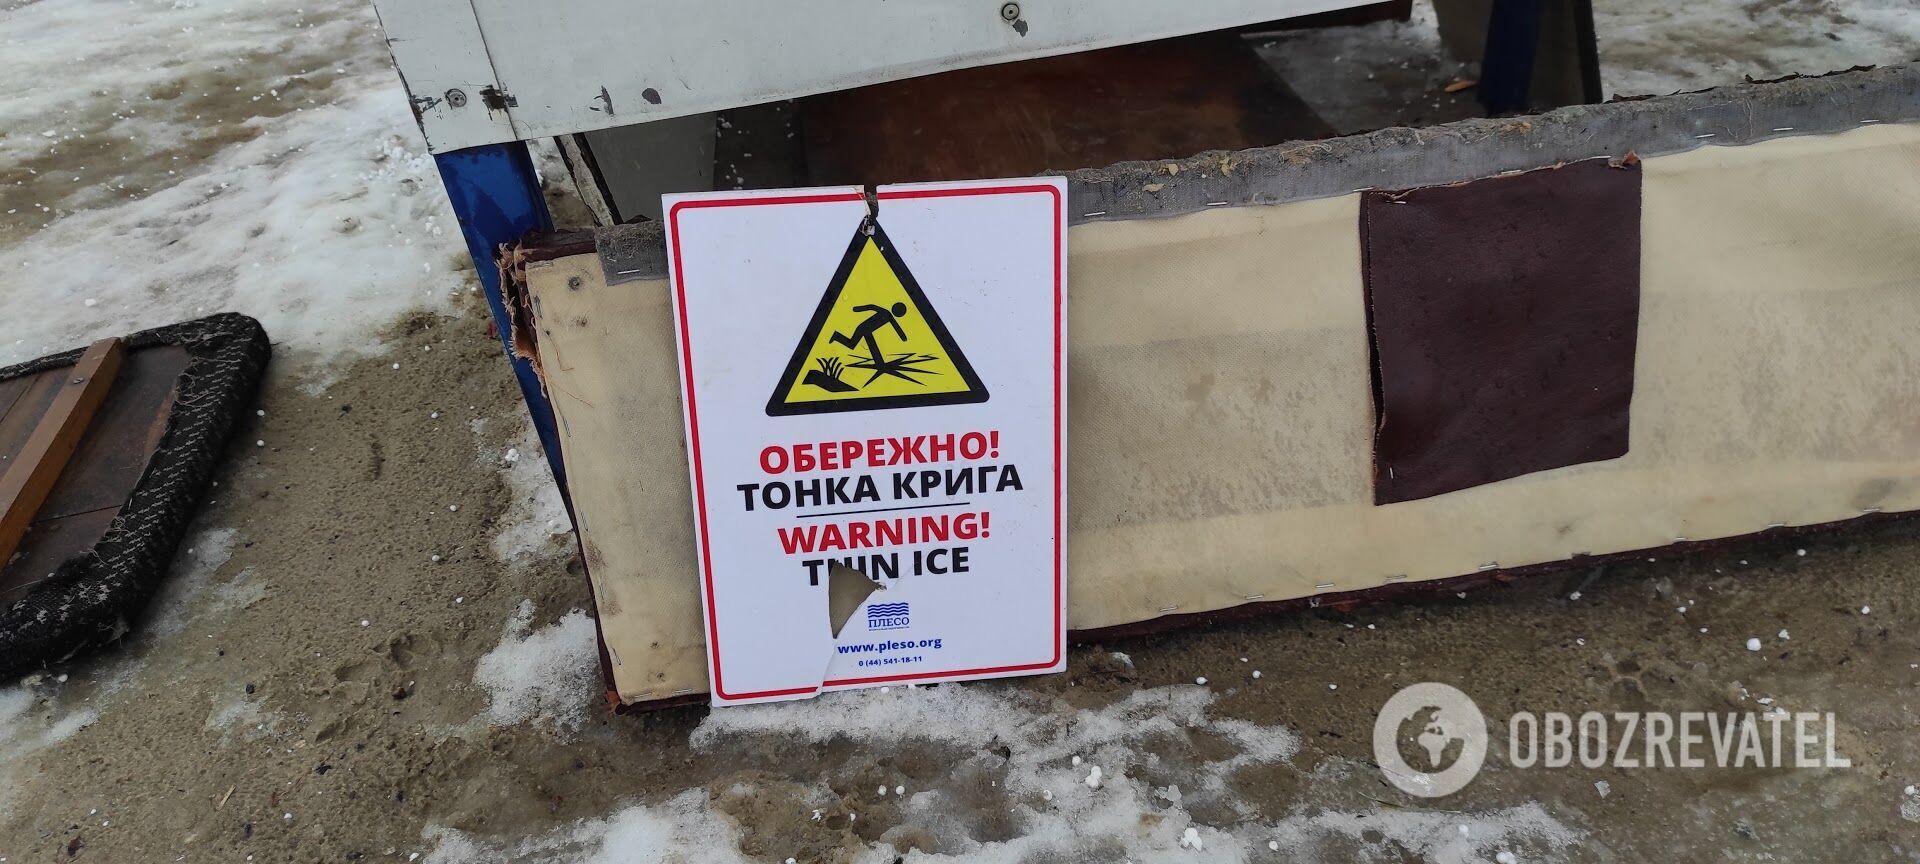 Знаки часто ломают или воруют